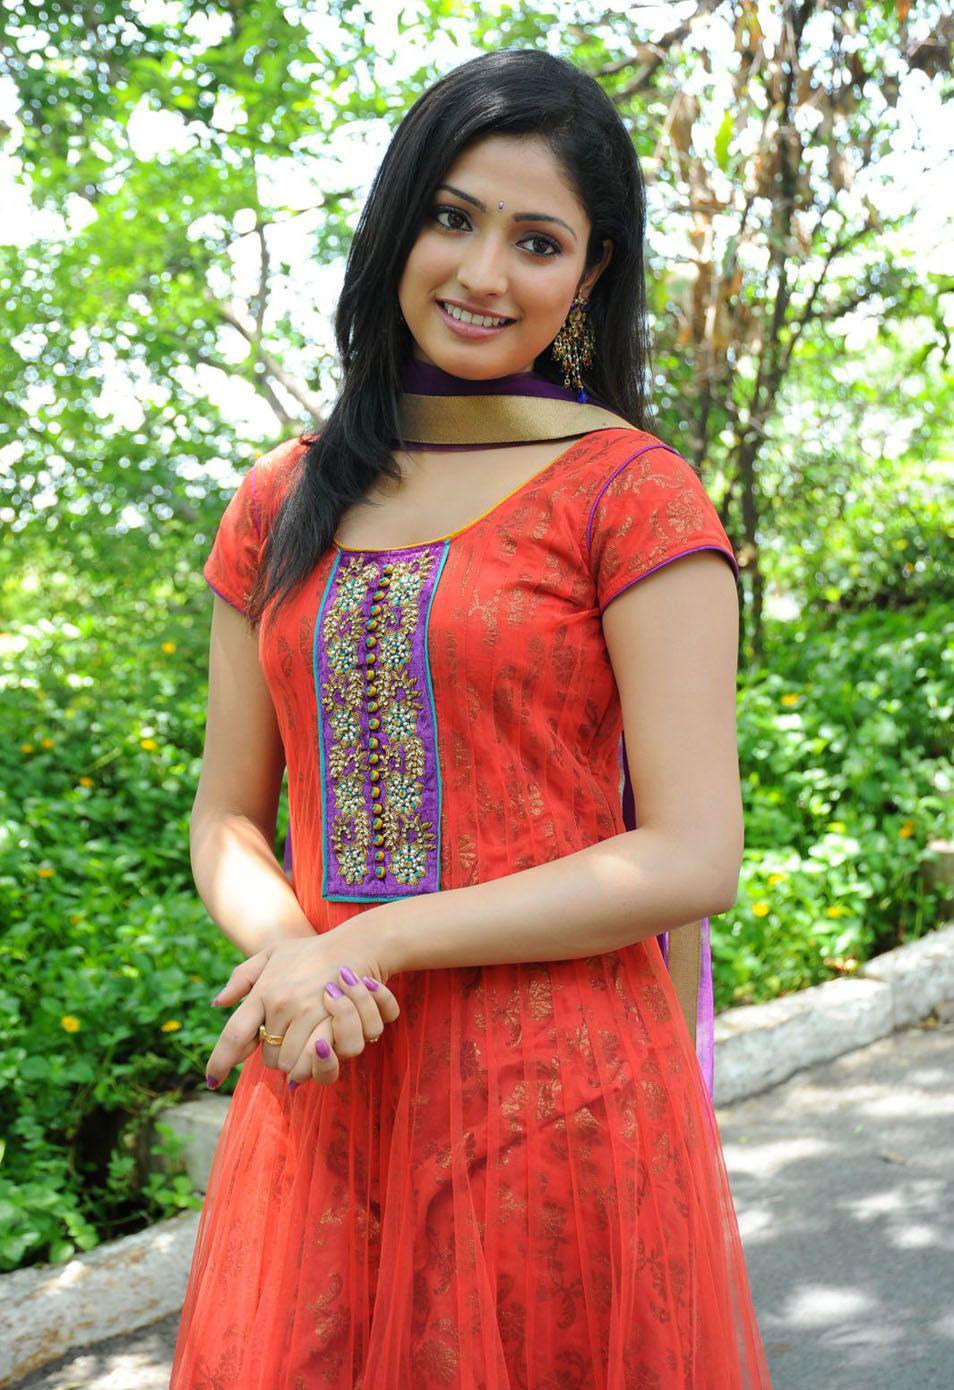 Beautiful Indian collage bhabhi